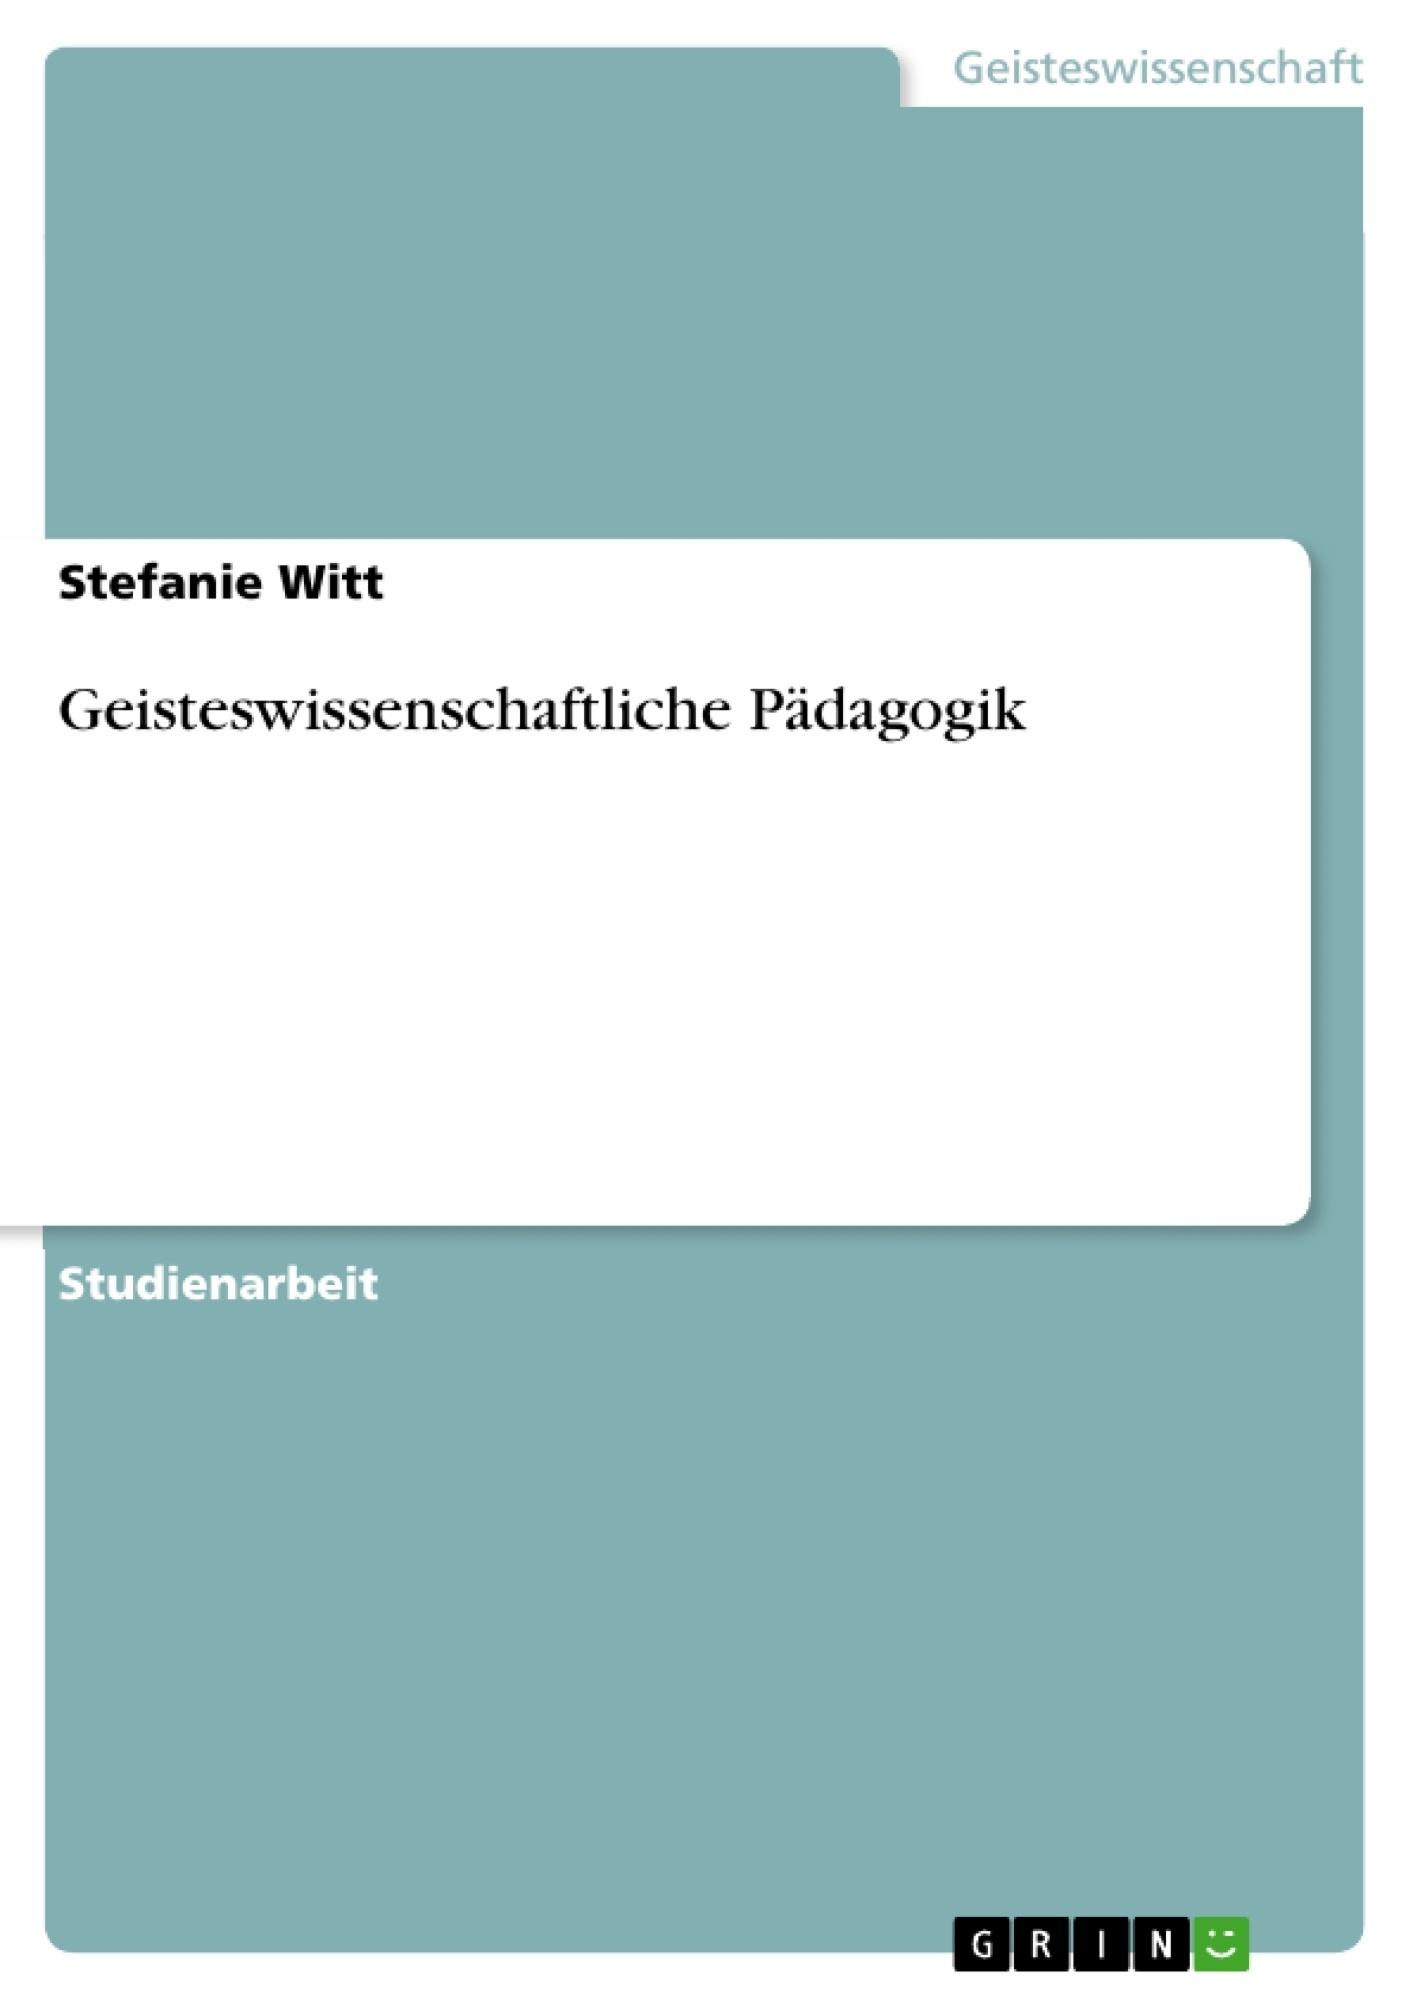 Titel: Geisteswissenschaftliche Pädagogik